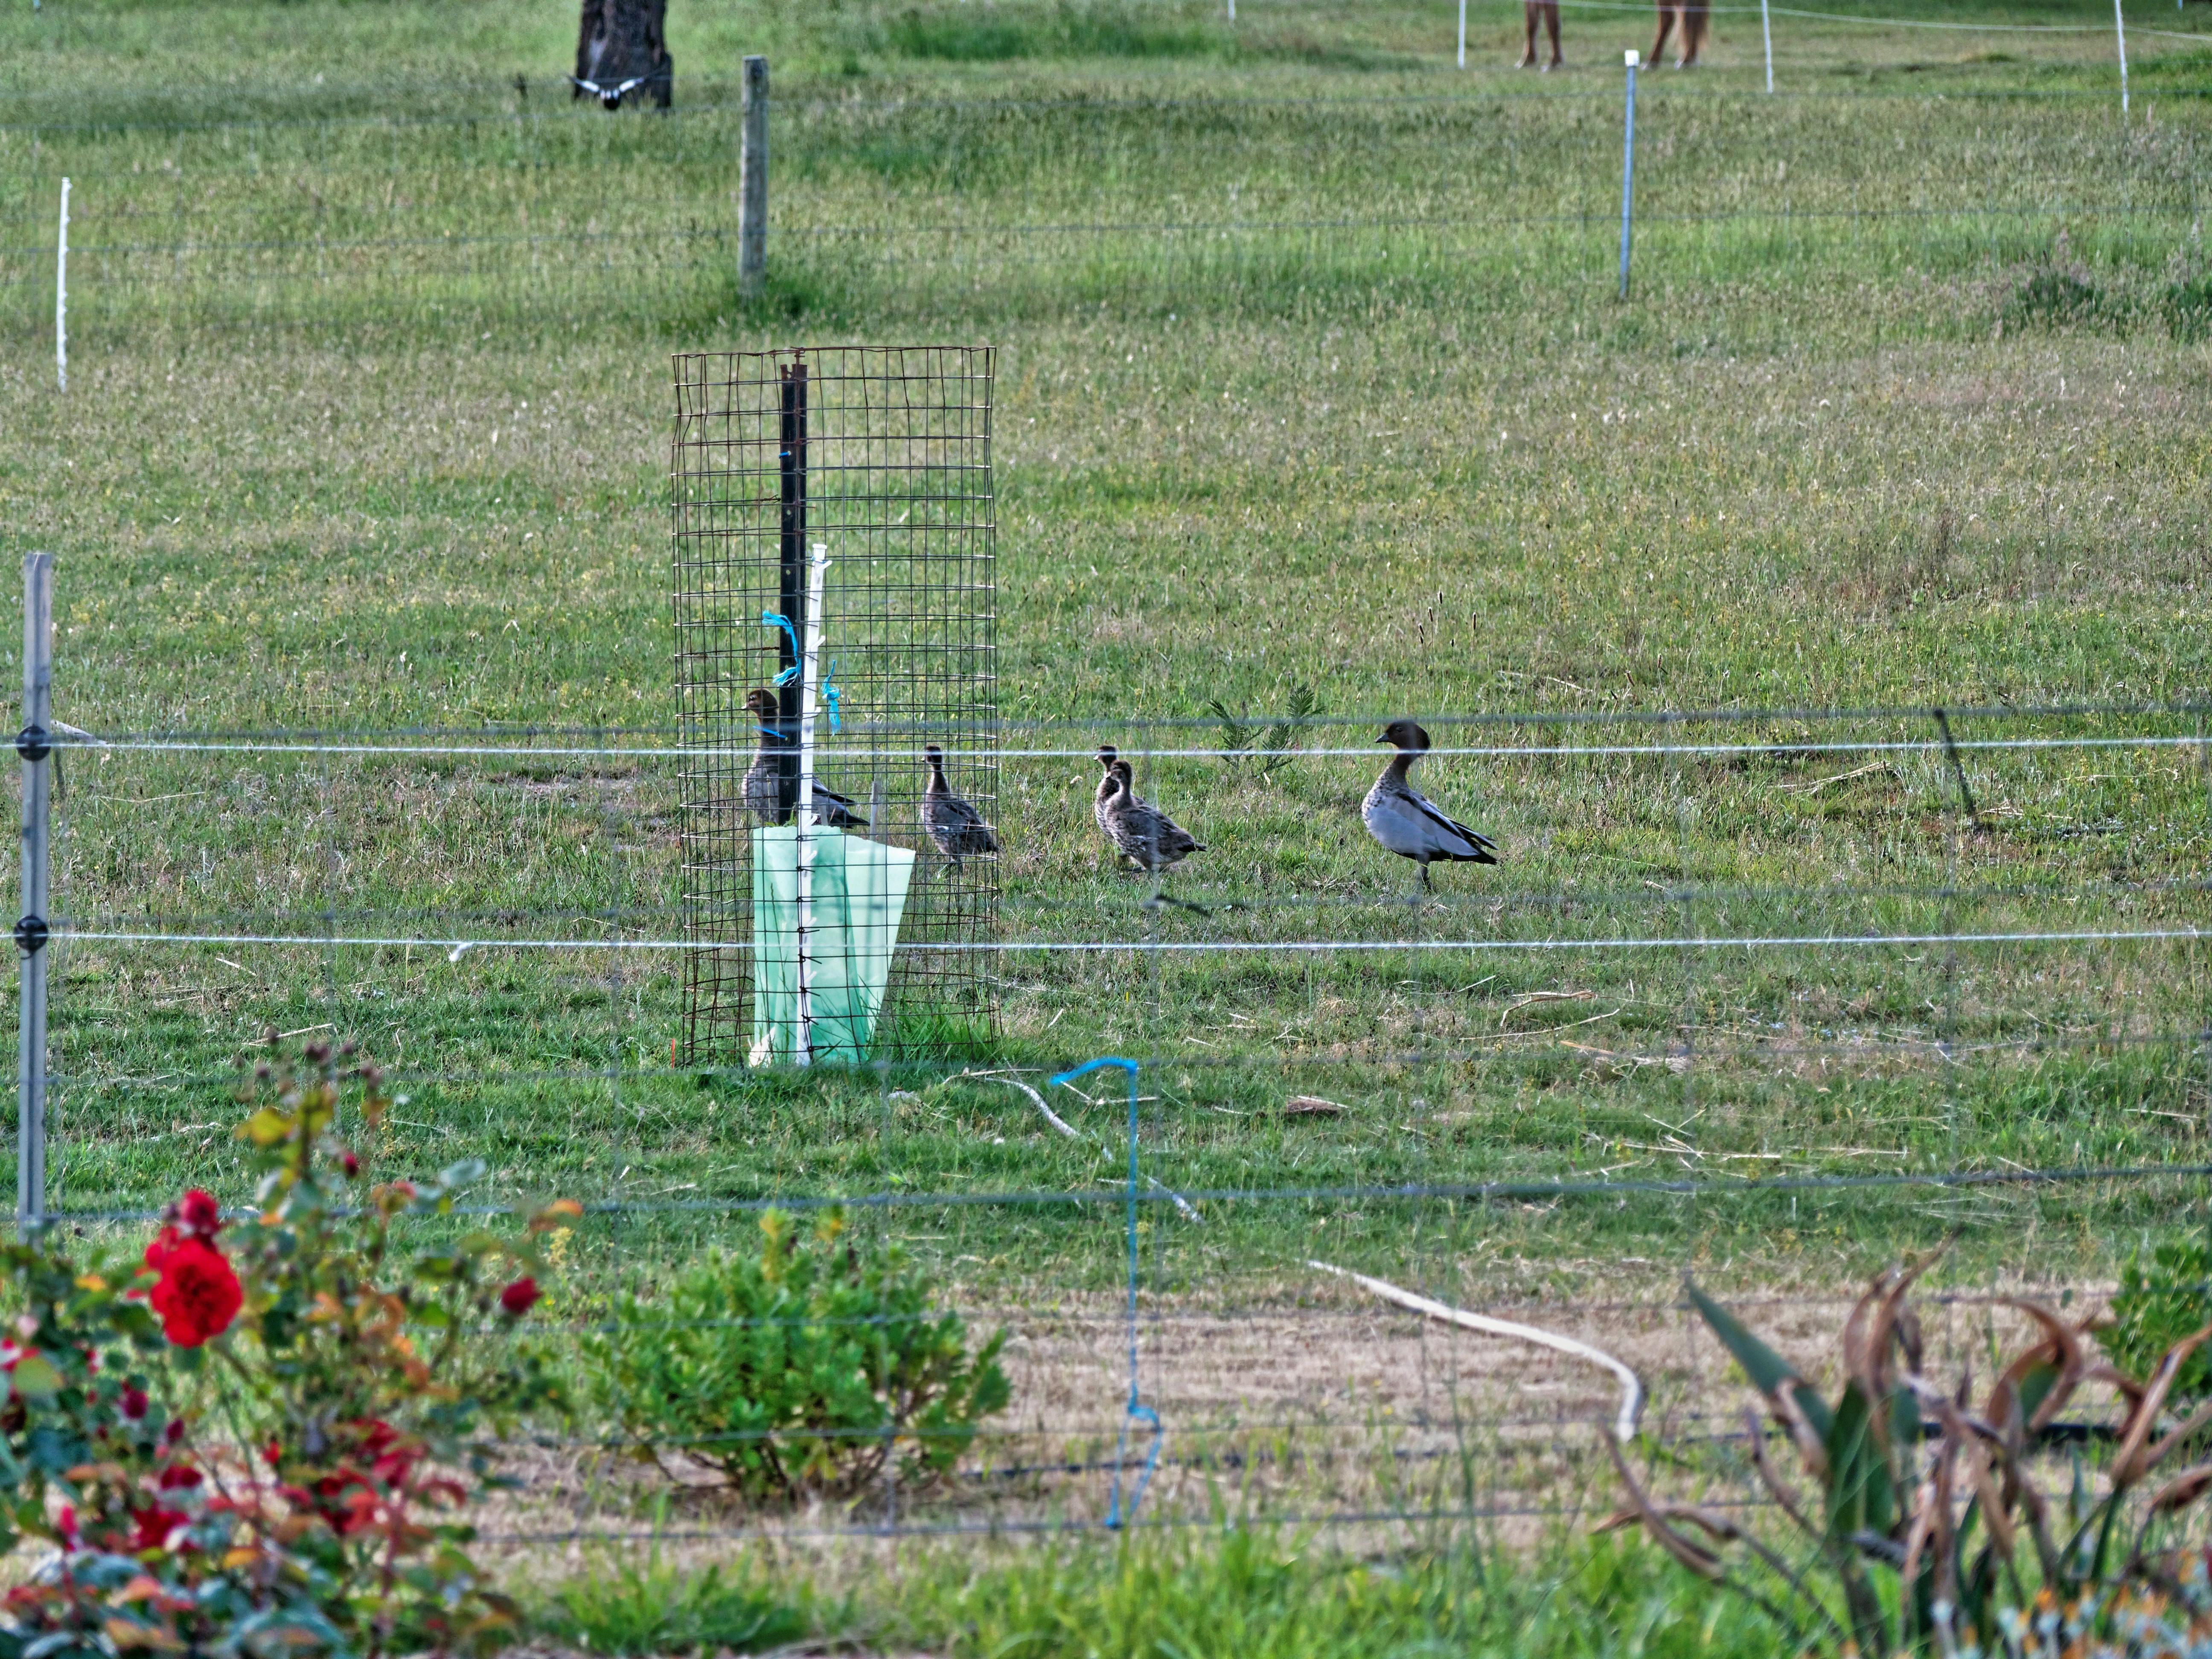 Magpies-and-ducks-3.jpeg